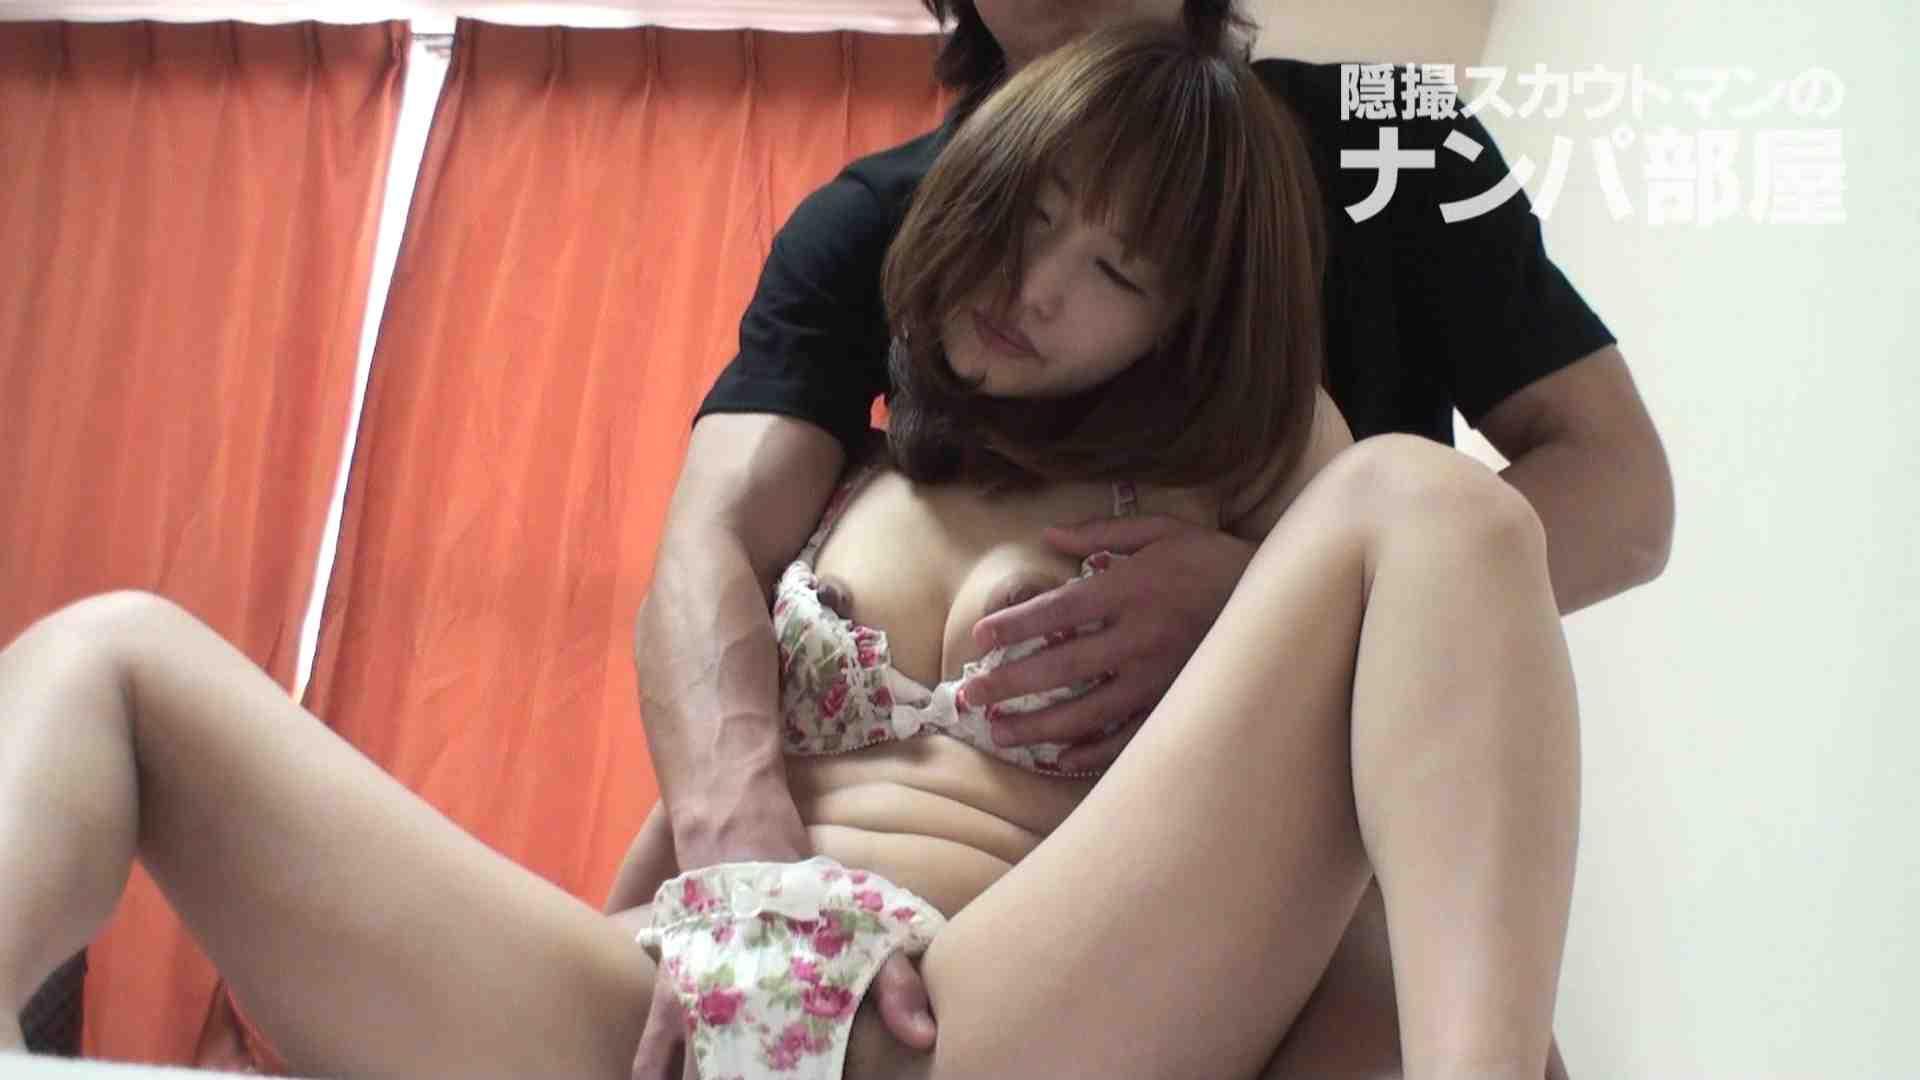 隠撮スカウトマンのナンパ部屋~風俗デビュー前のつまみ食い~ siivol.2 ナンパ  80pic 79